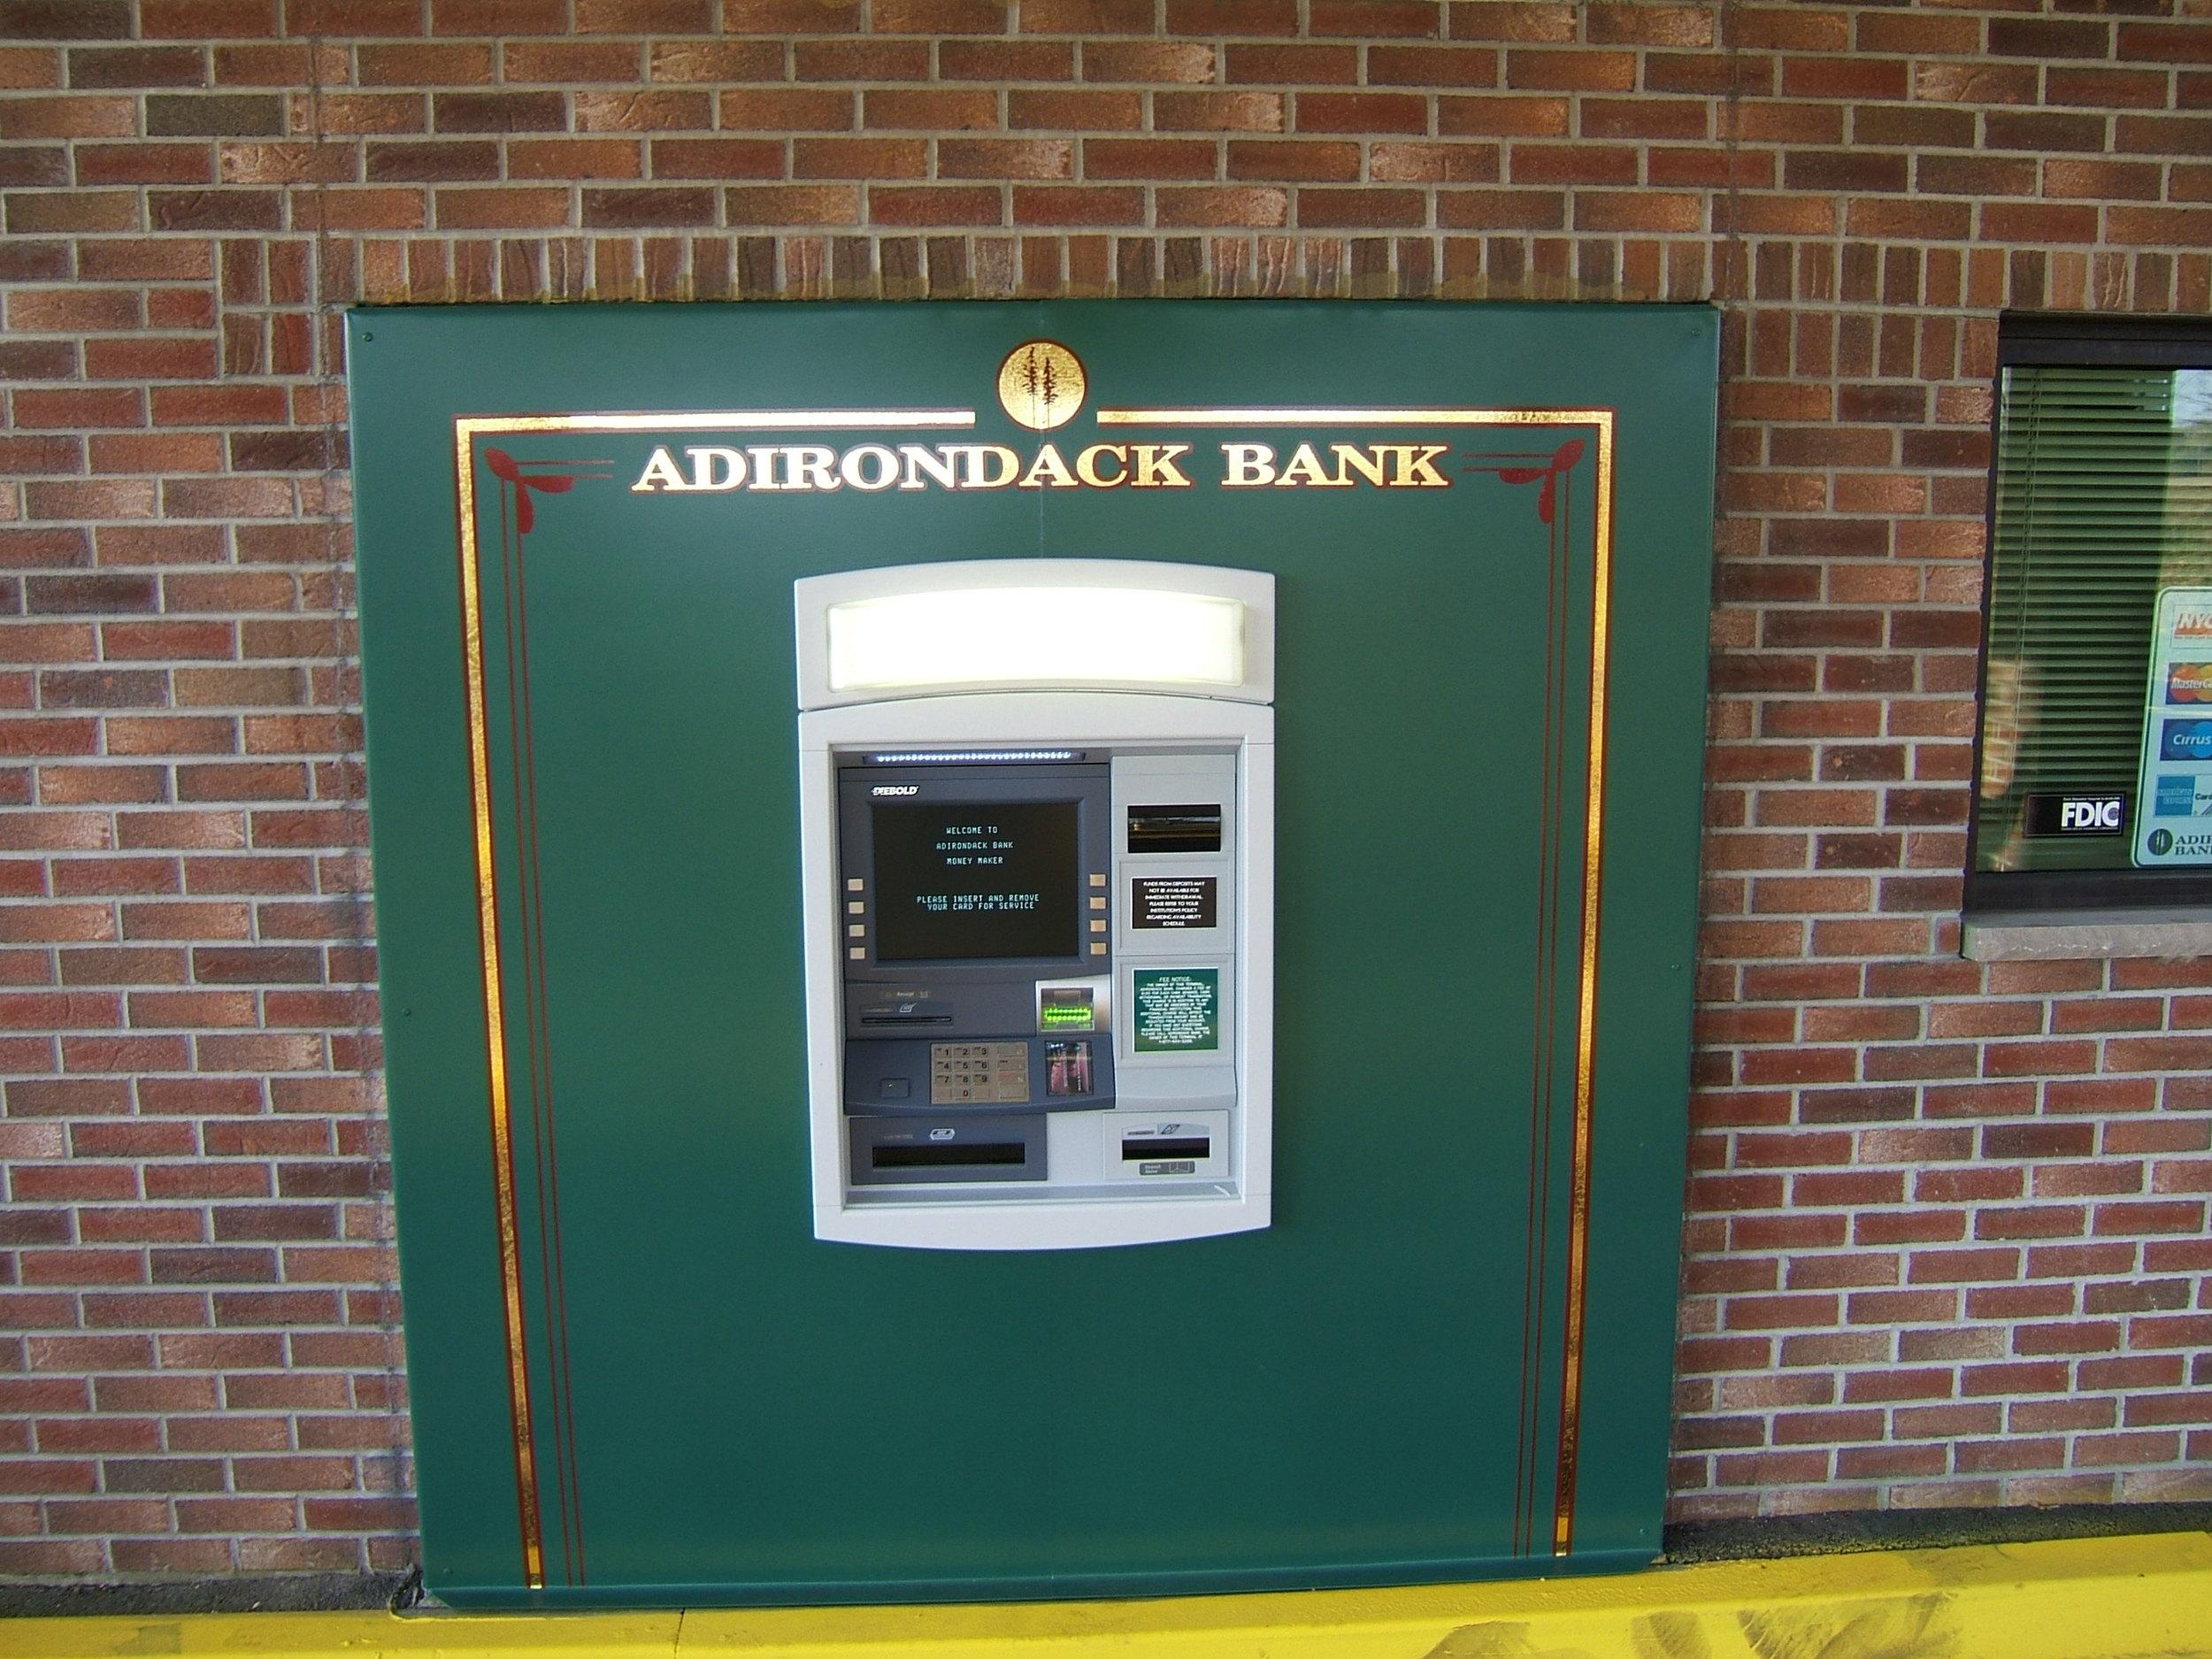 adk bank hp atm 14.JPG